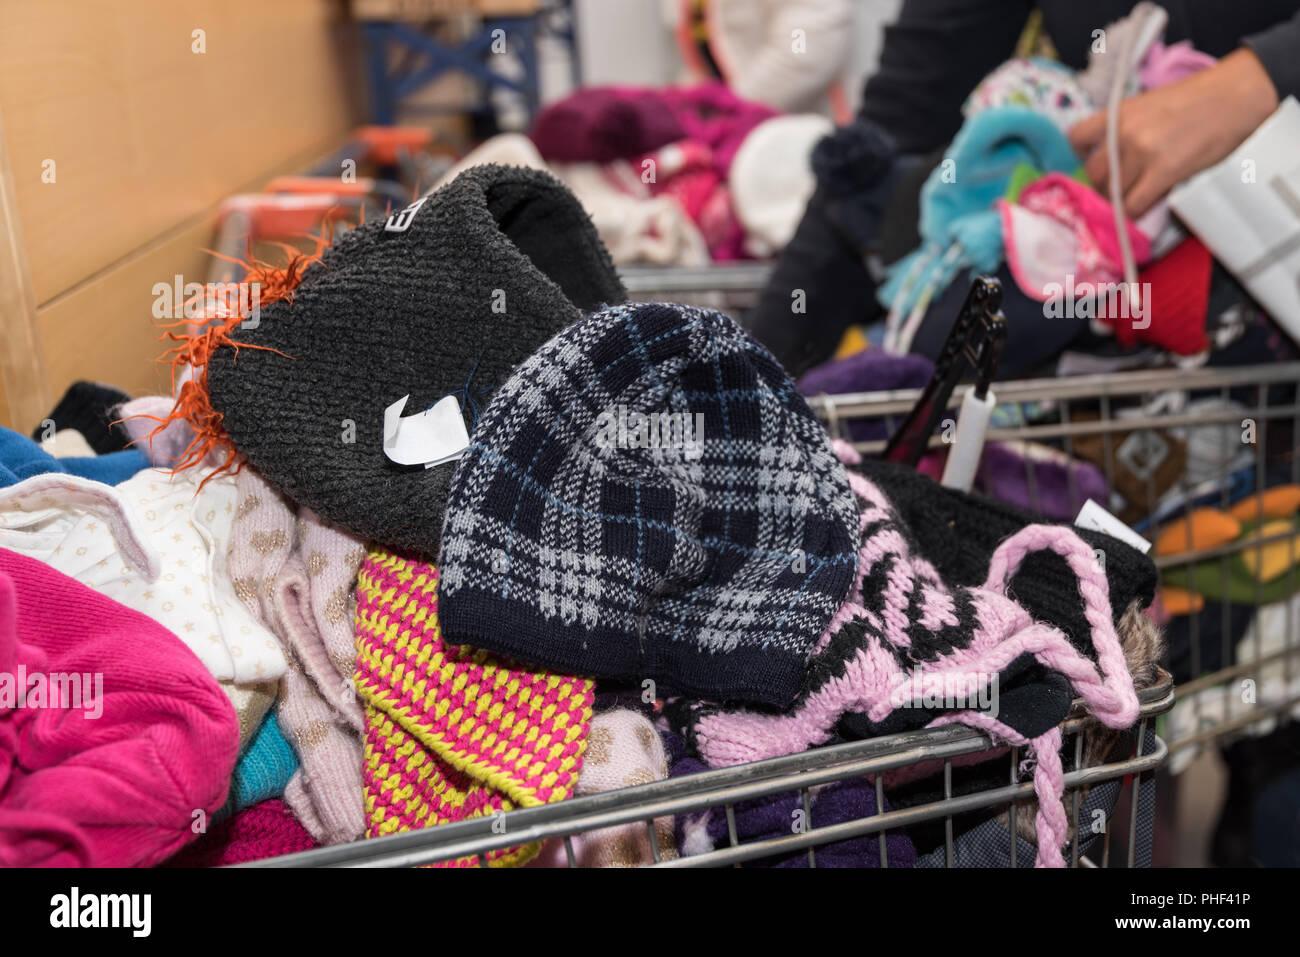 Mercadillo de ropa ofrece adecuados y asequibles ropa infantil Imagen De Stock